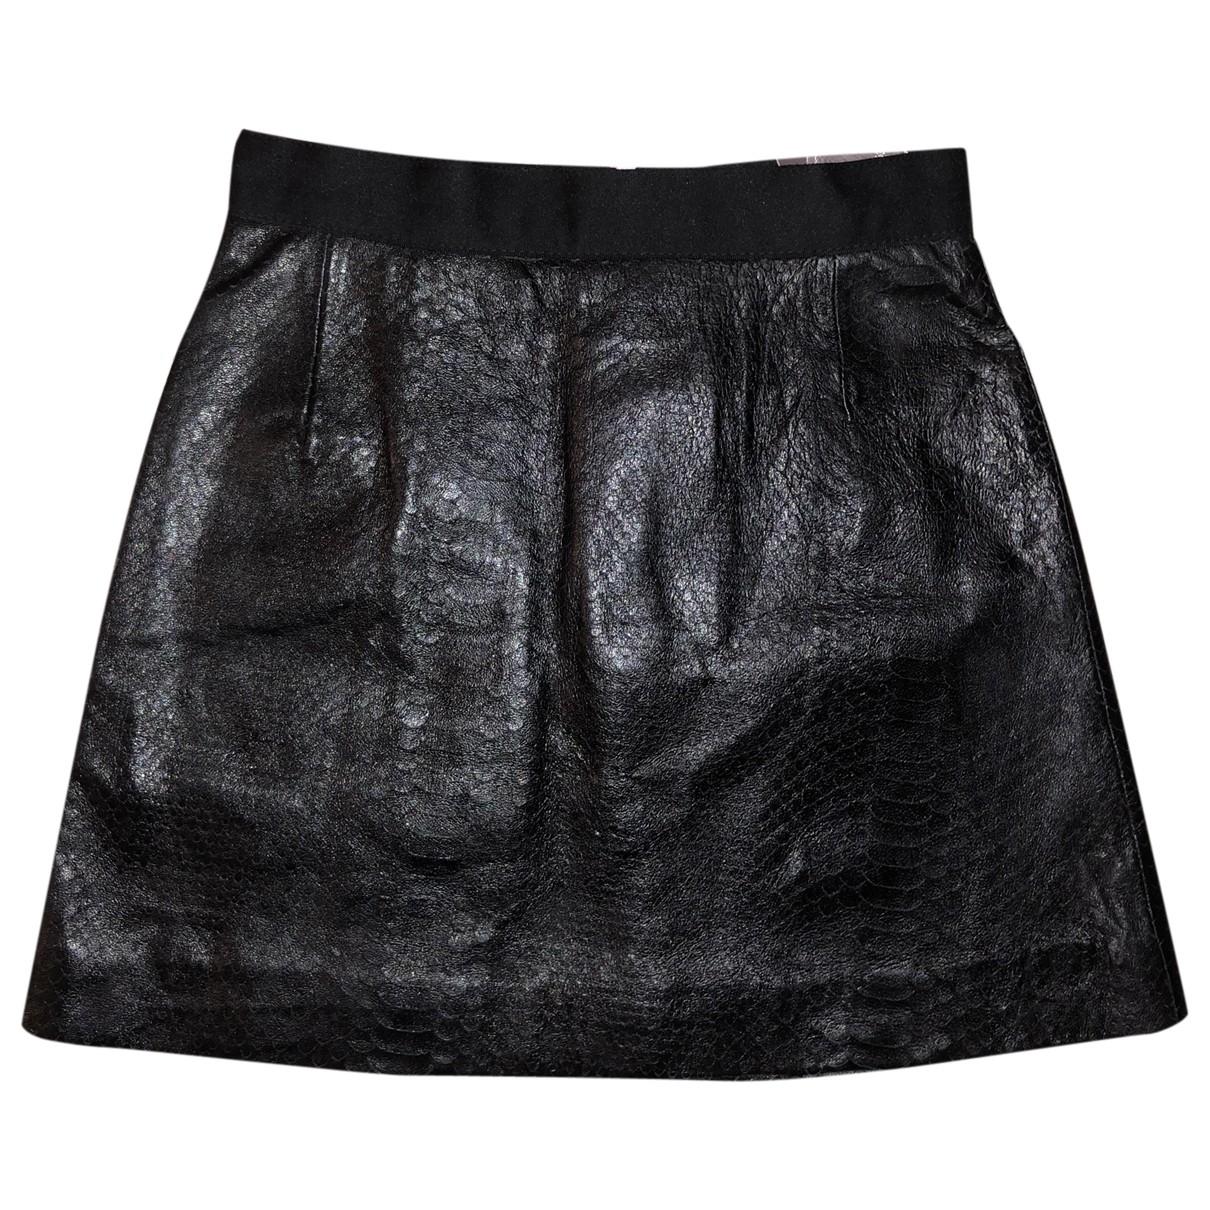 Giambattista Valli X H&m - Jupe   pour femme en cuir - noir